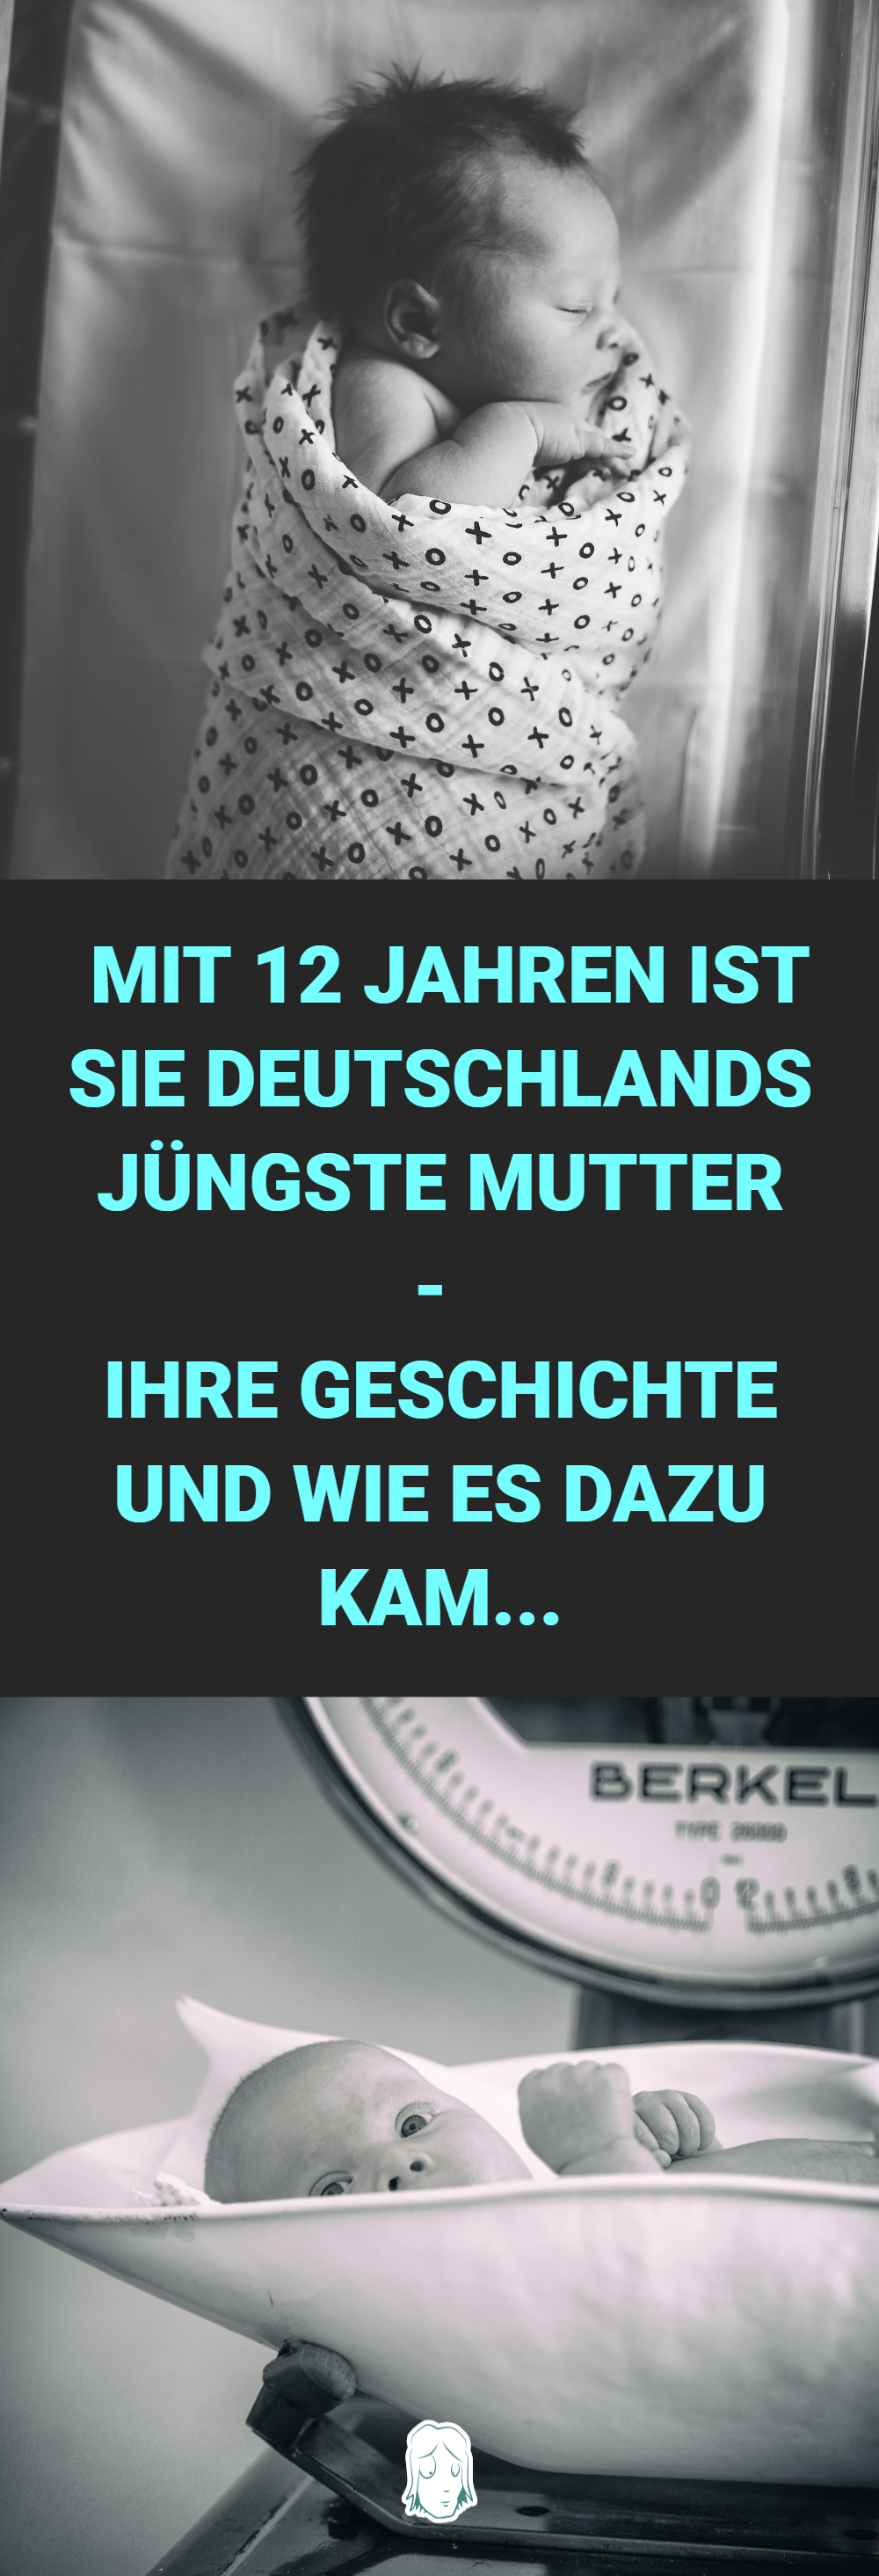 Mutter deutschland jüngste Die jüngste